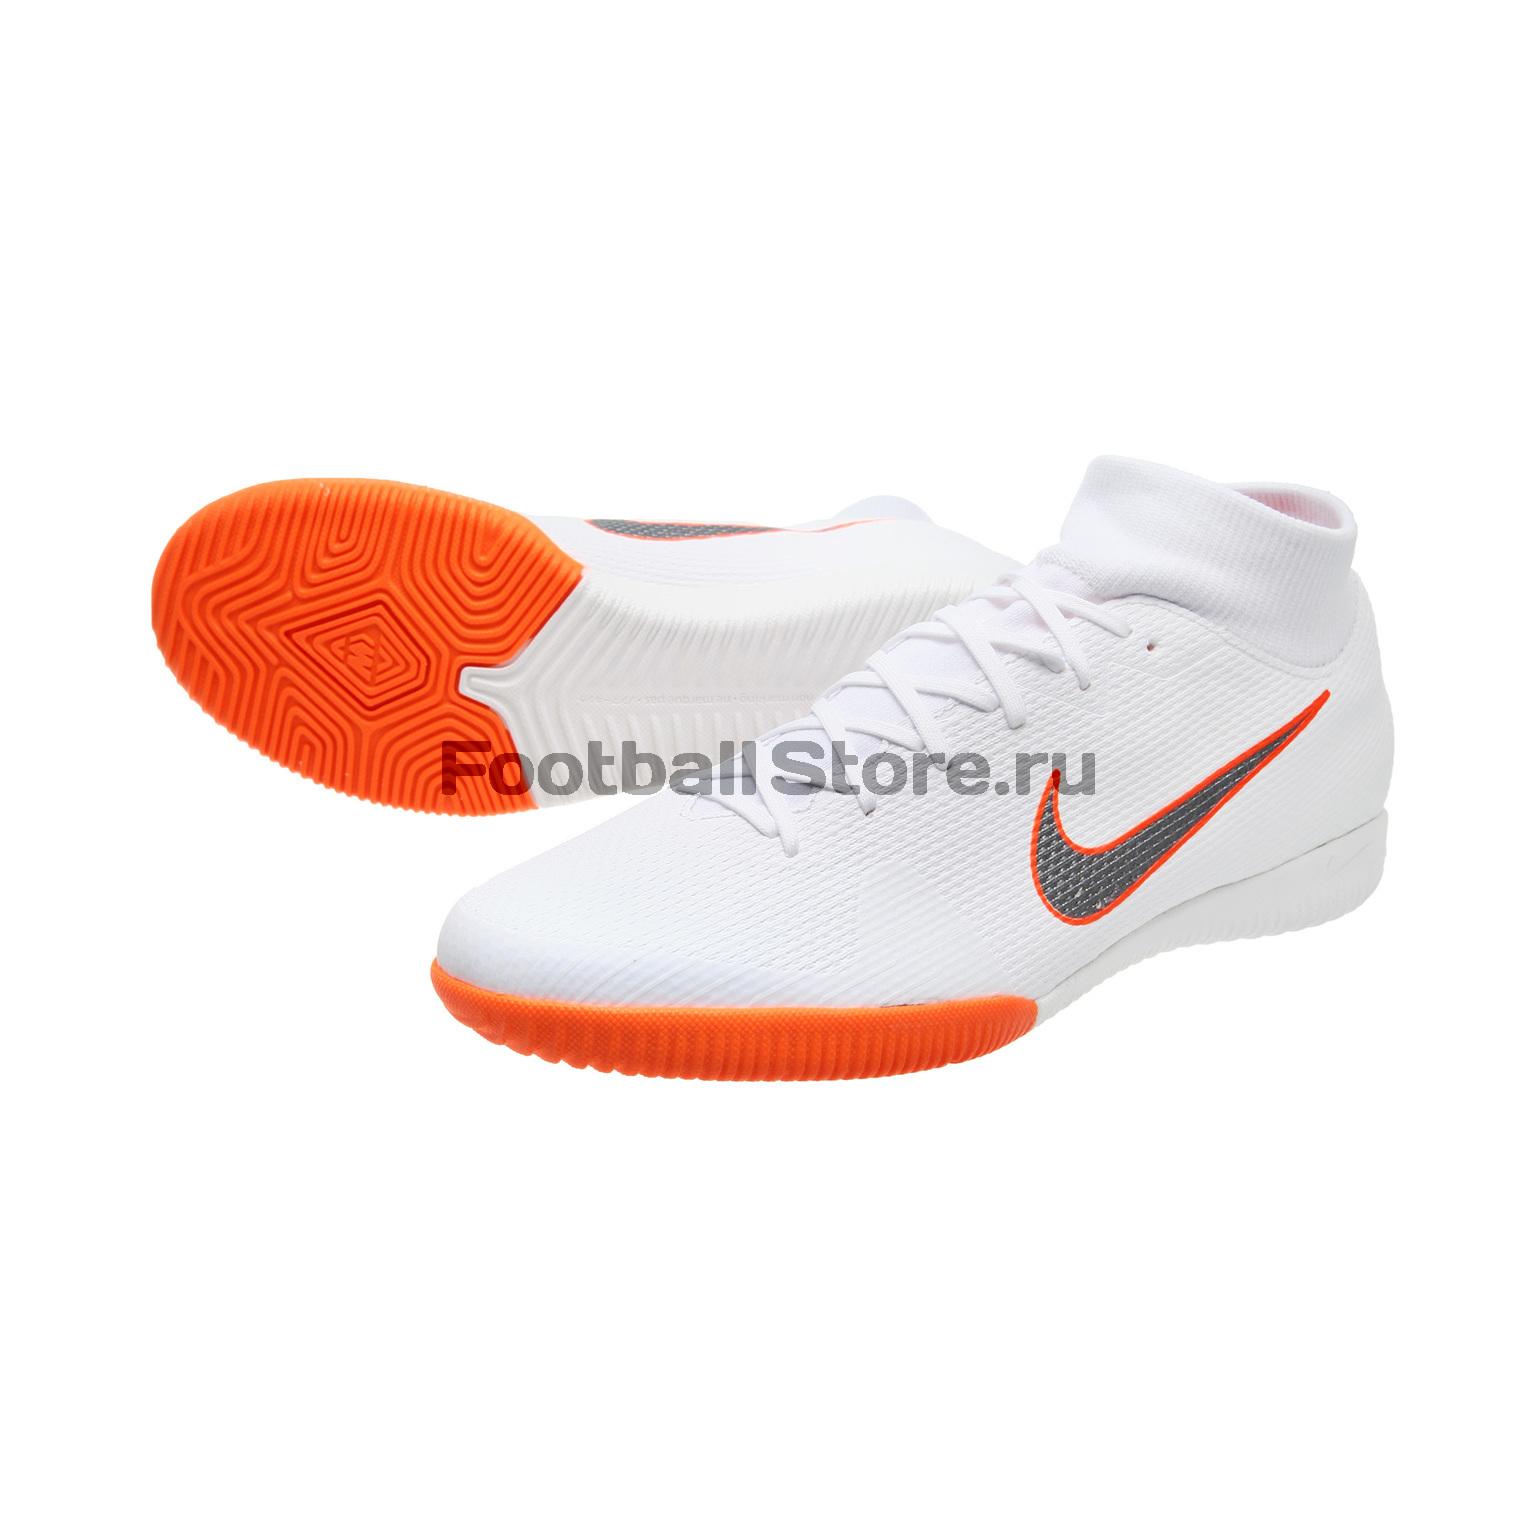 cacc95cc Обувь для зала Nike SuperflyX 6 Academy IC AH7369-107 – купить ...